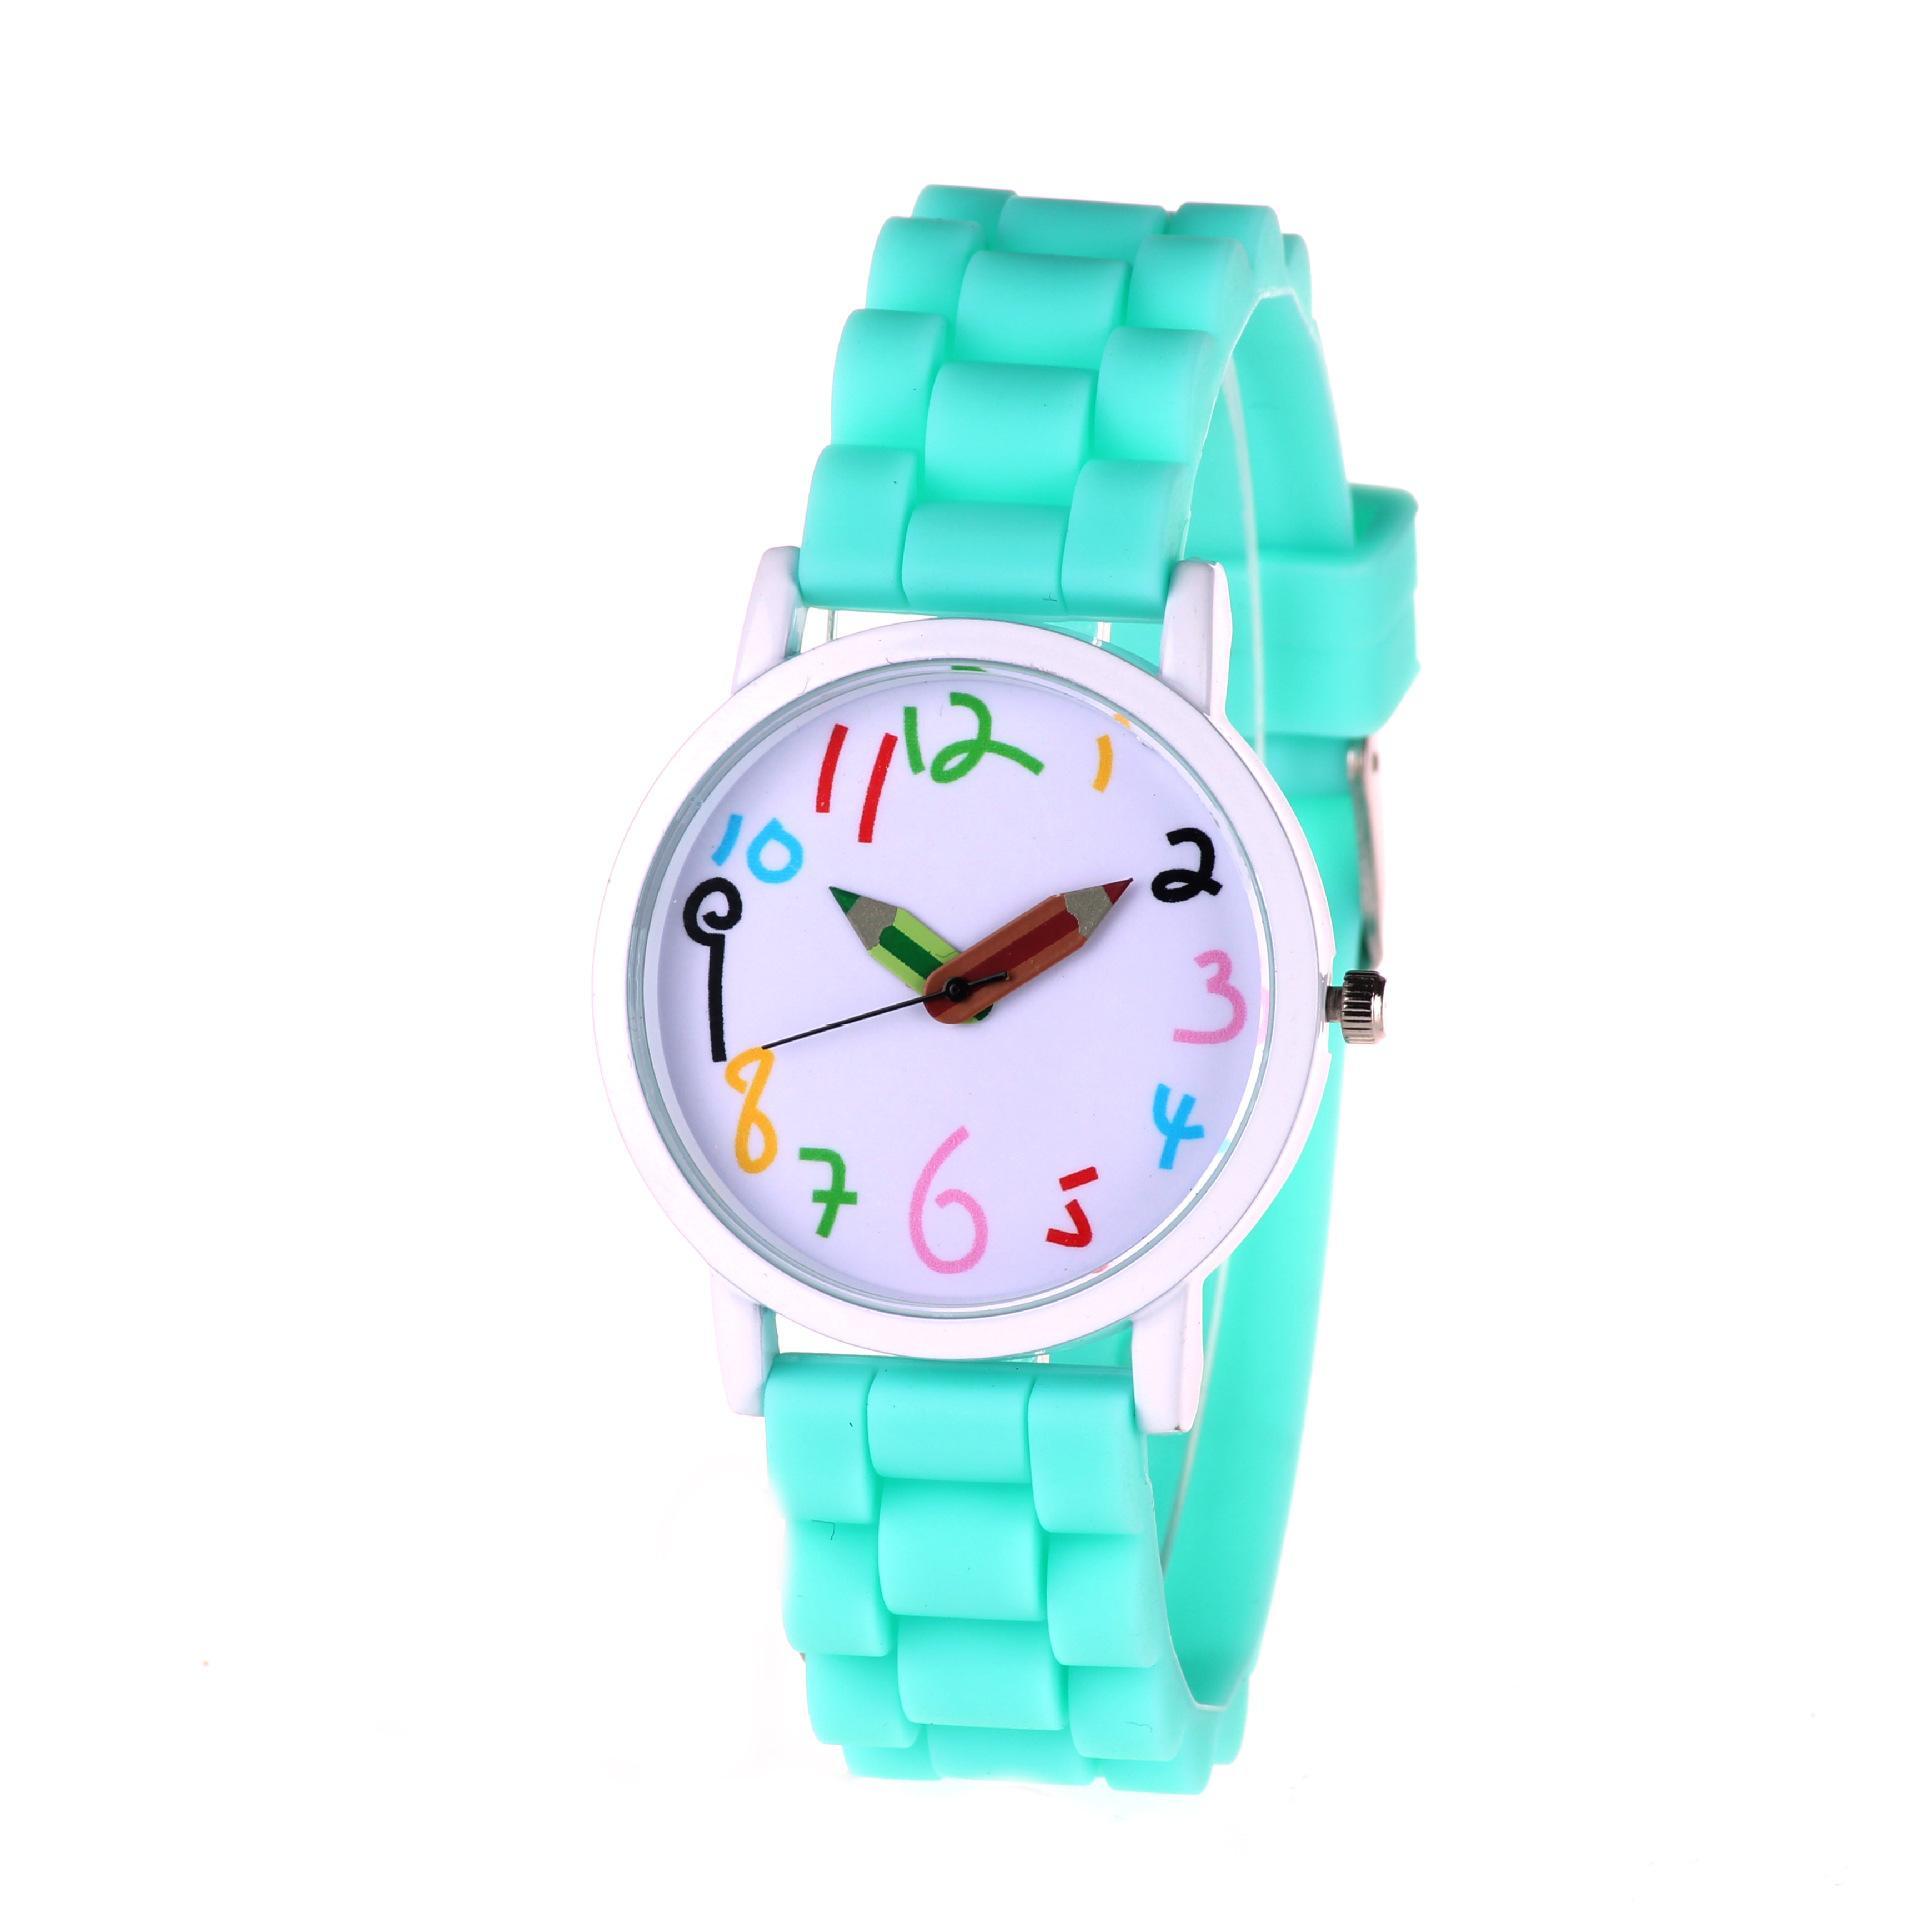 Genf Kunstleder Uhr Beliebte Einfache Mode große Zifferblatt Silikon Uhr Studenten Schriftart kreative Kinder Uhr Candy Farbe Bleistift Punkt